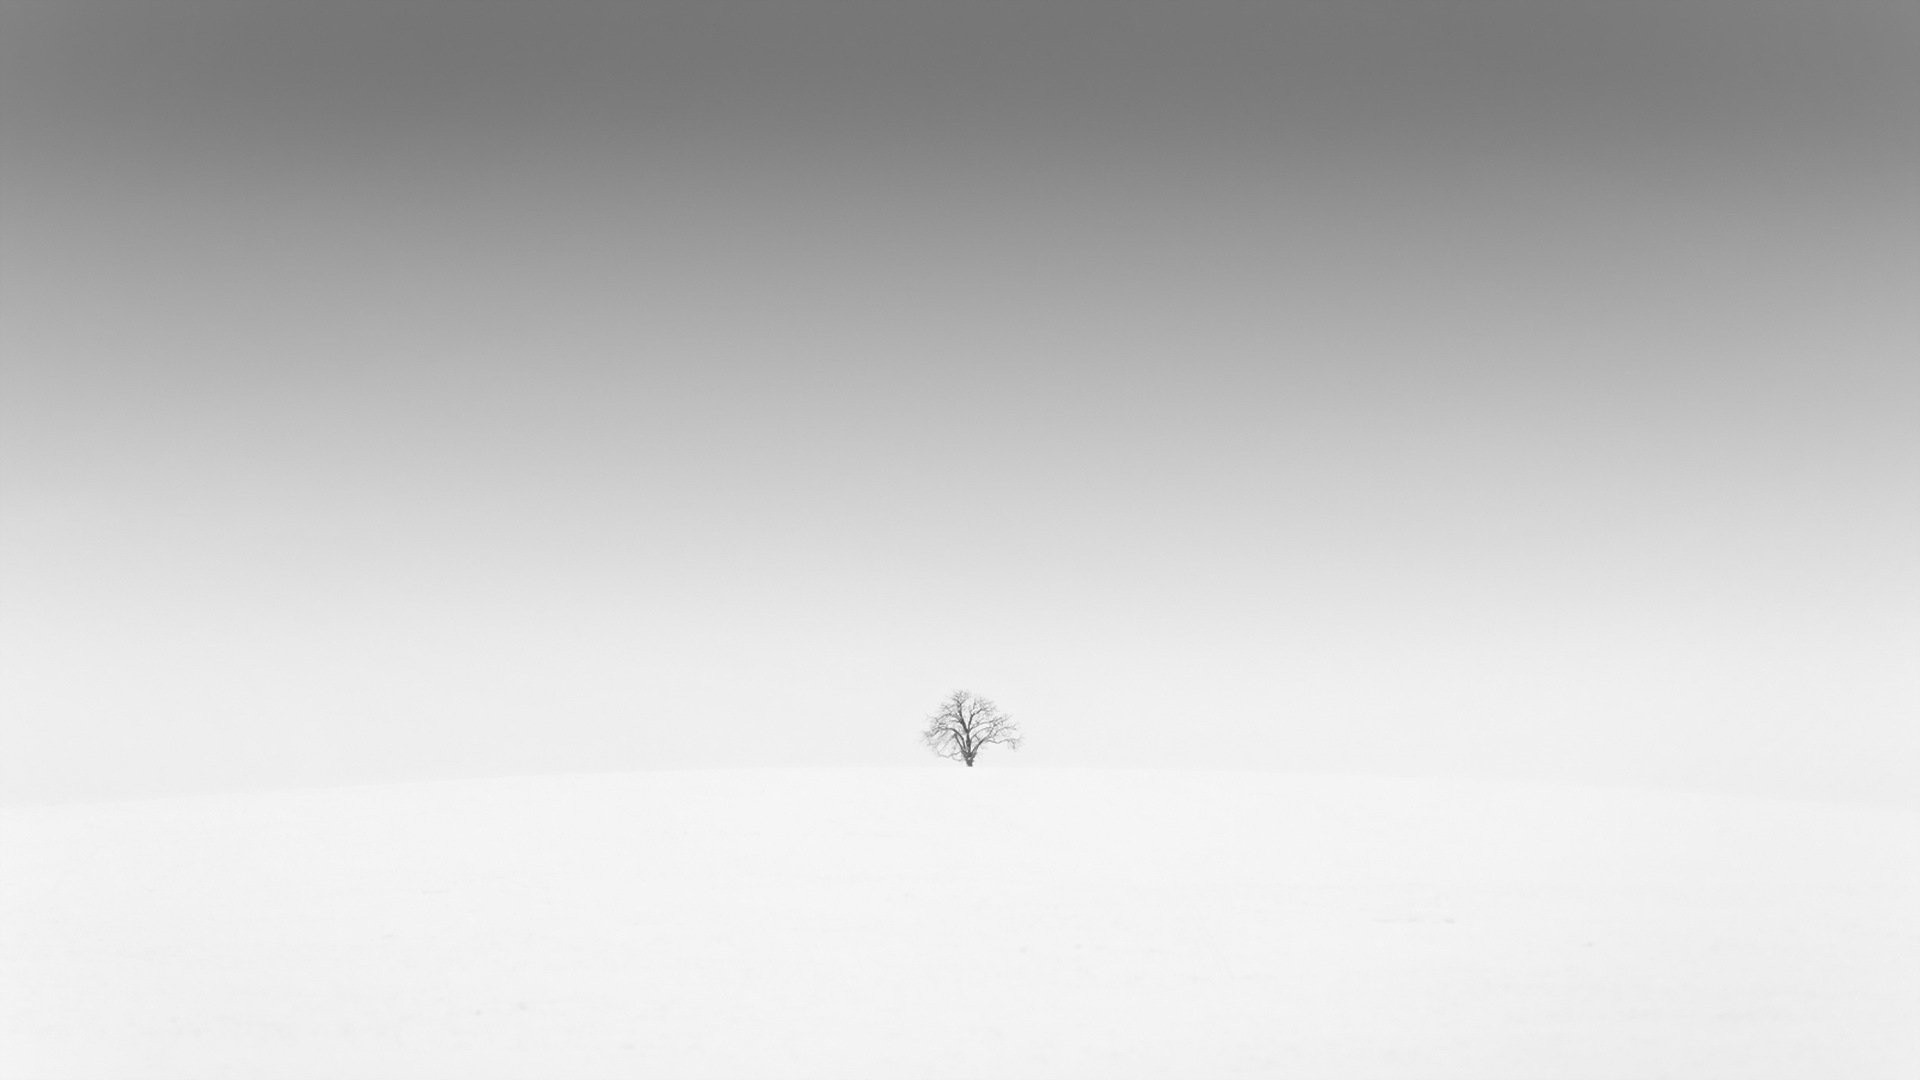 White Minimalist Image